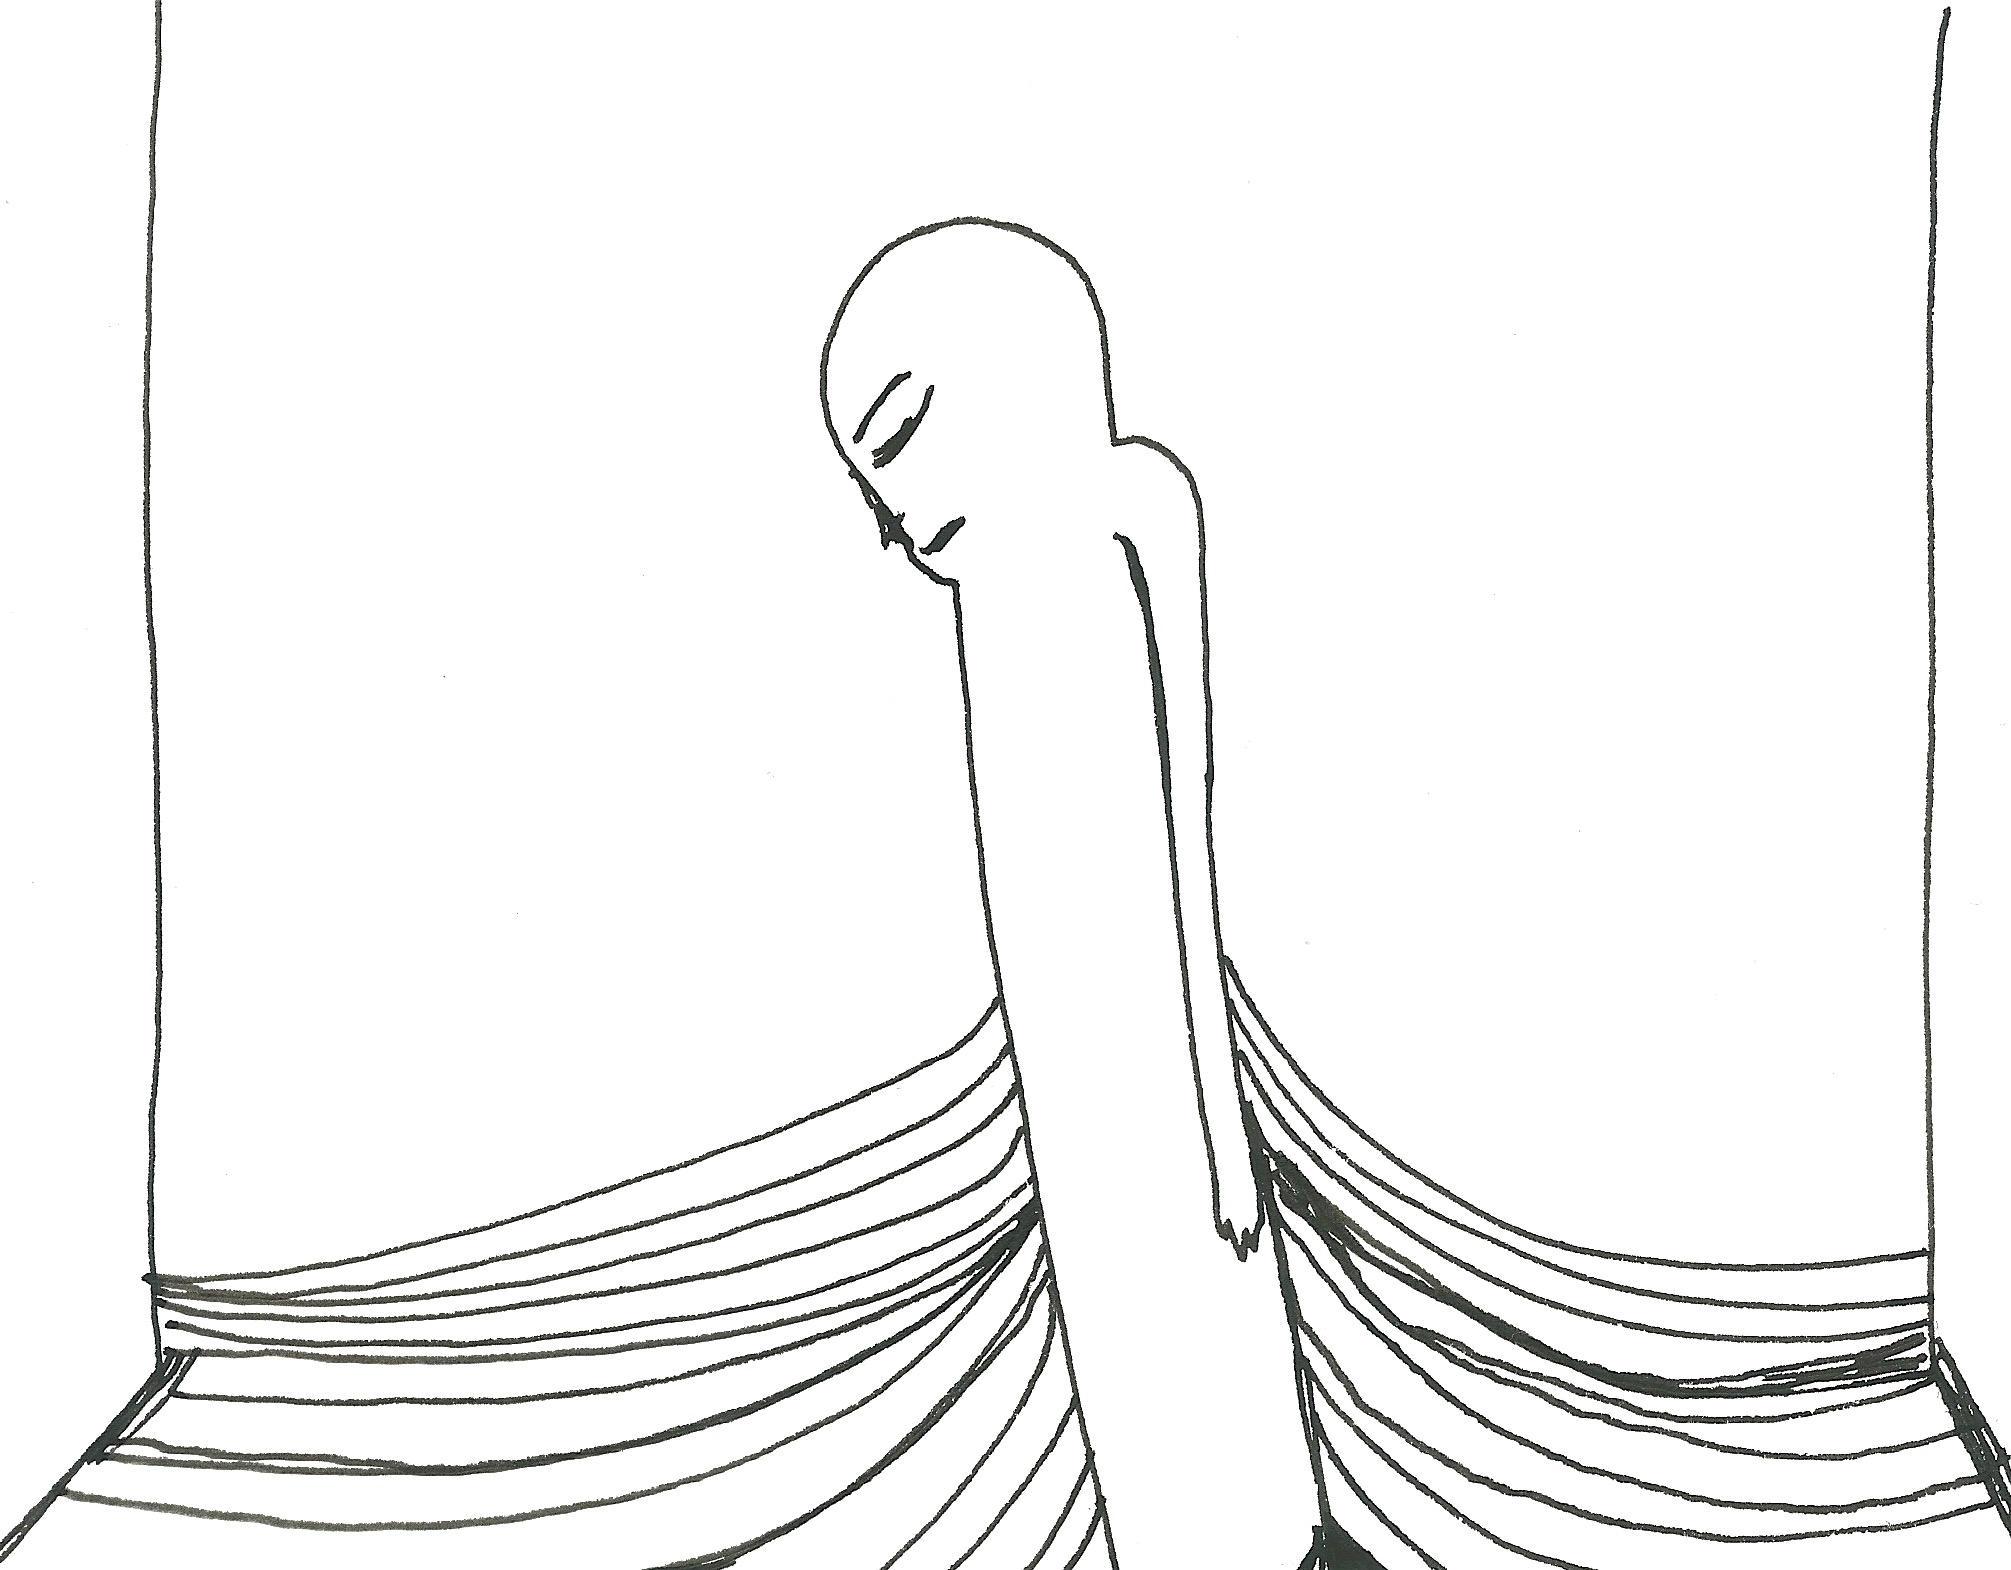 Mergulho, 2017. Nanquim sobre papel, 17x15cm.